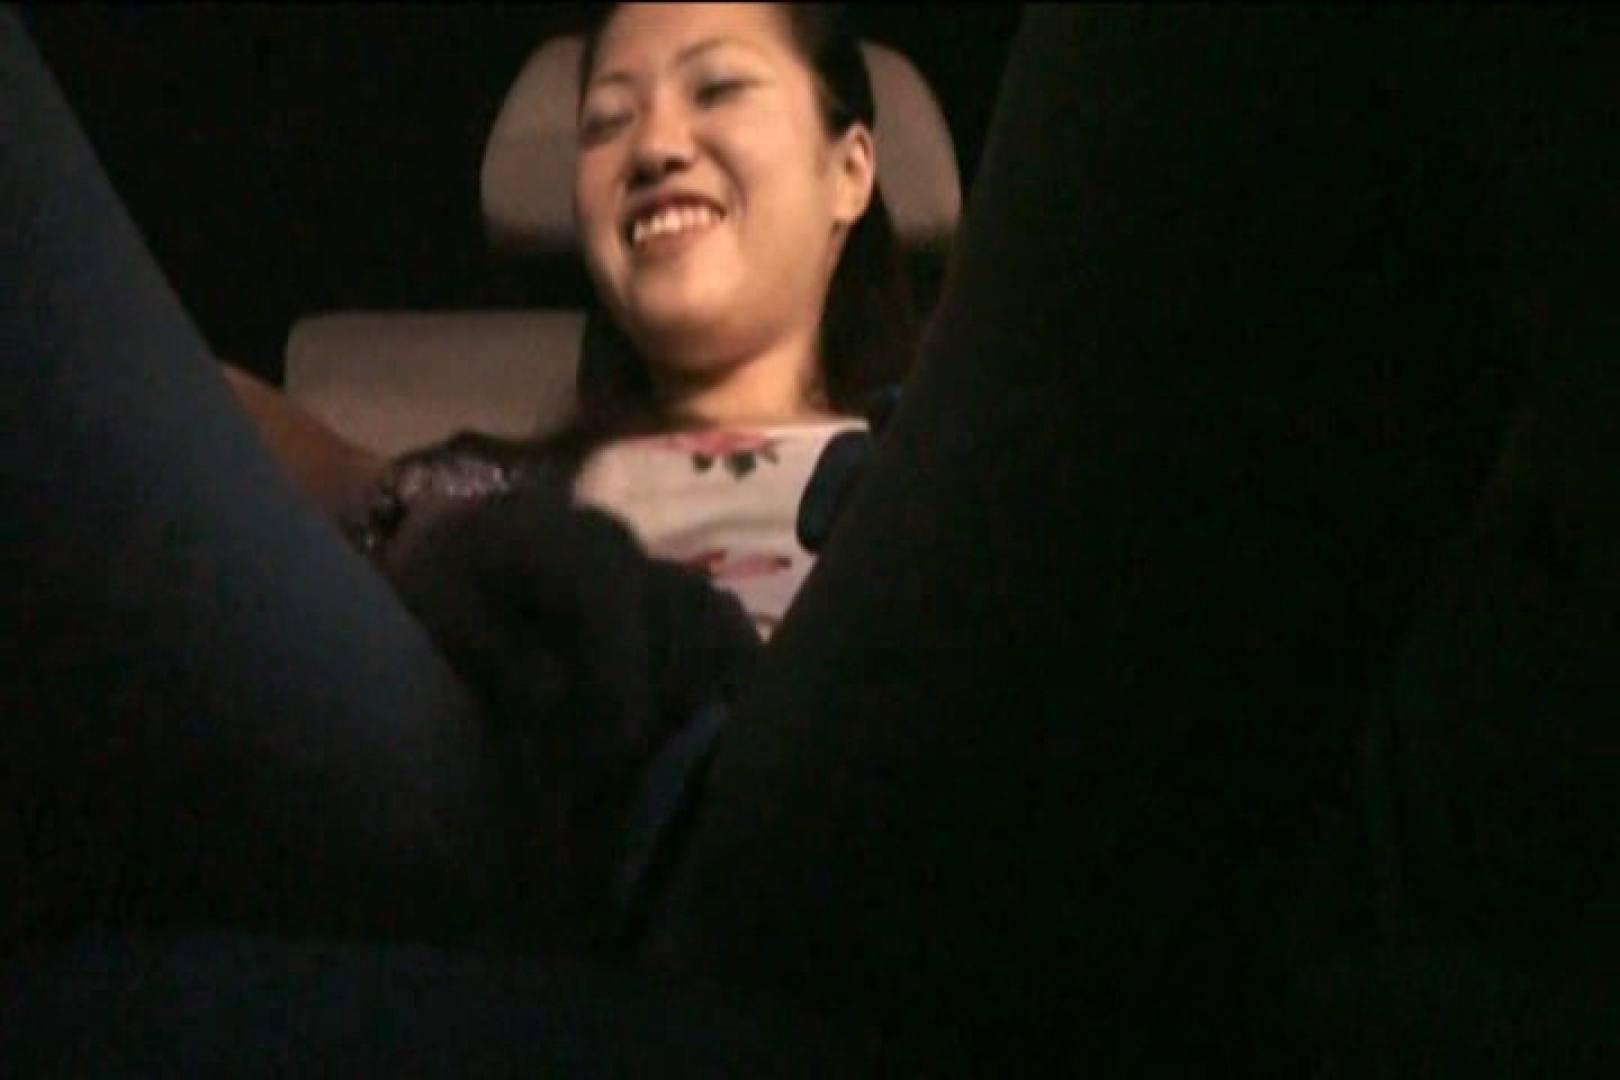 車内で初めまして! vol01 投稿 | ハプニング映像  102PIX 67